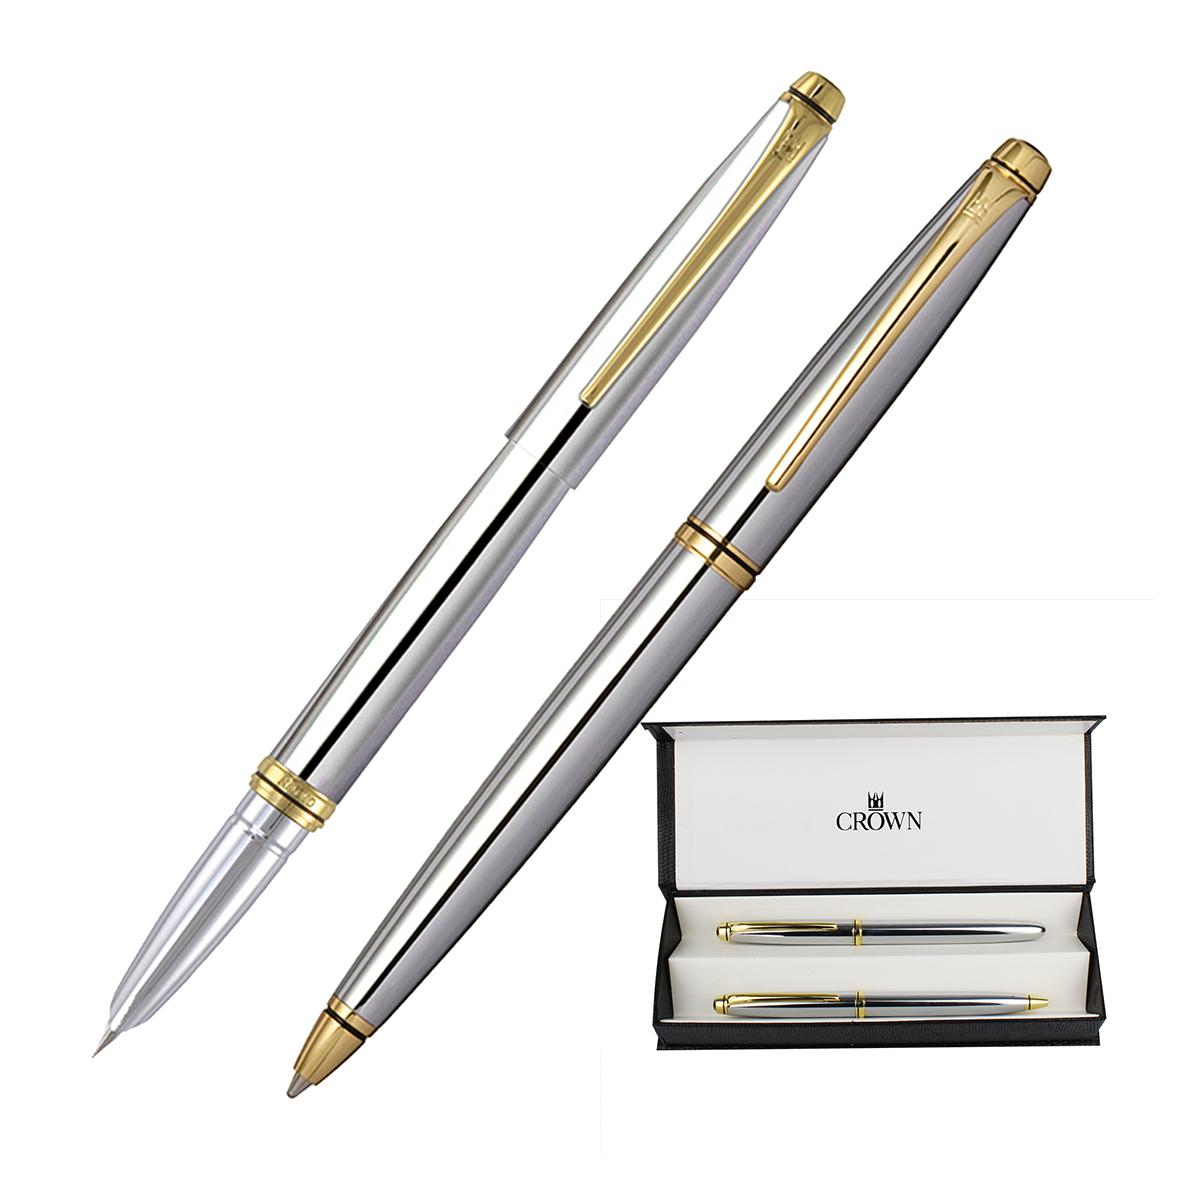 Conj. Crown Orient Prata Caneta Tinteiro + Esferográfica  YW49450S